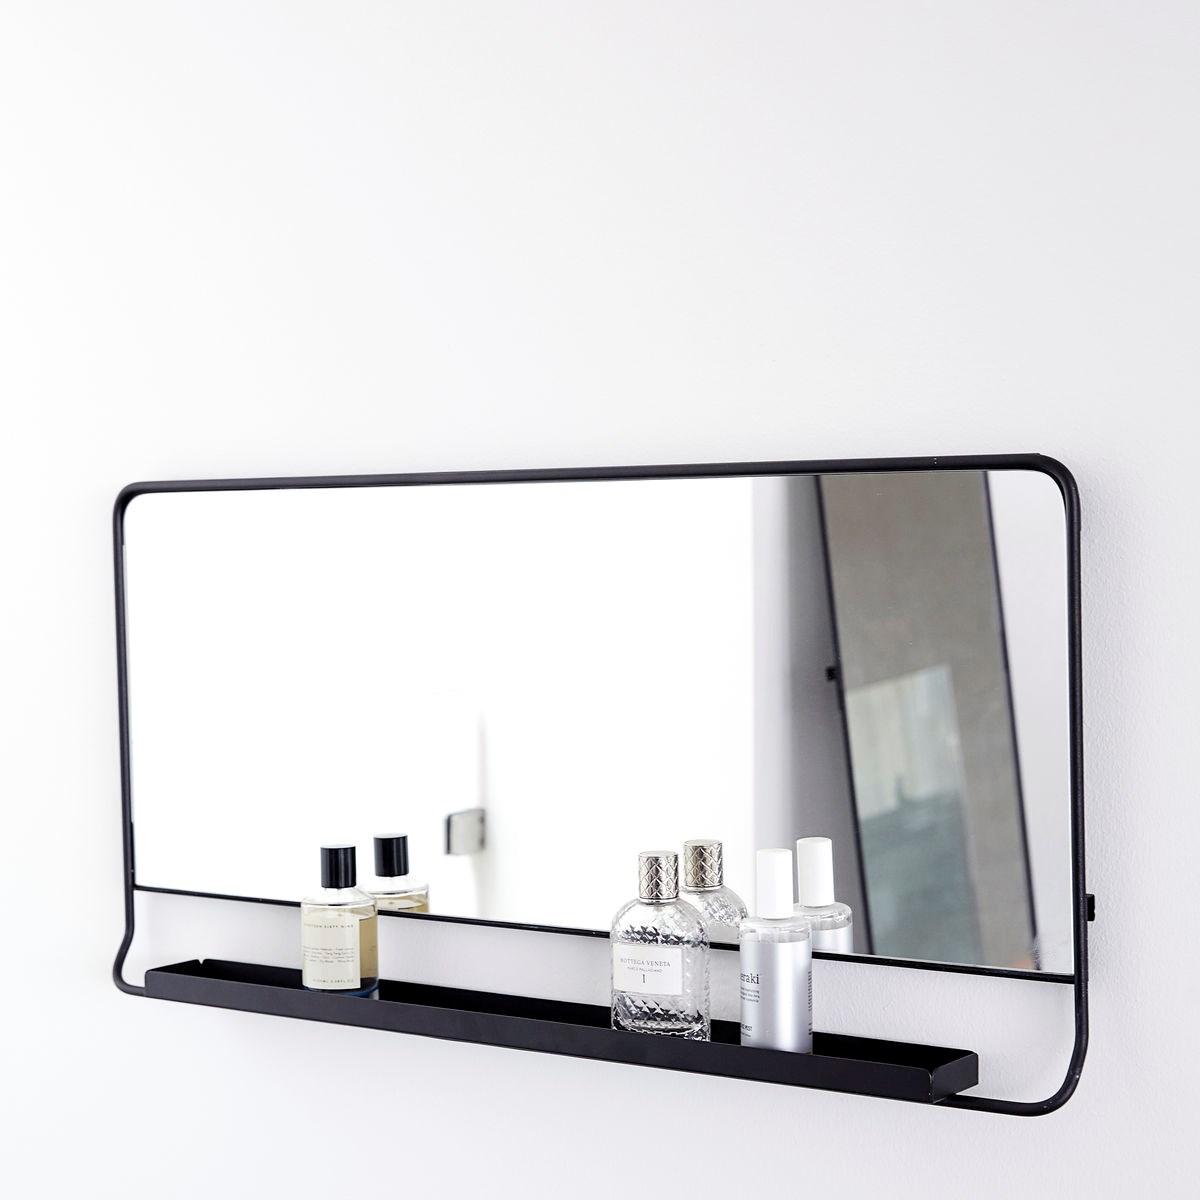 Zrcadlo s policí CHIC černé V.80 cm_2